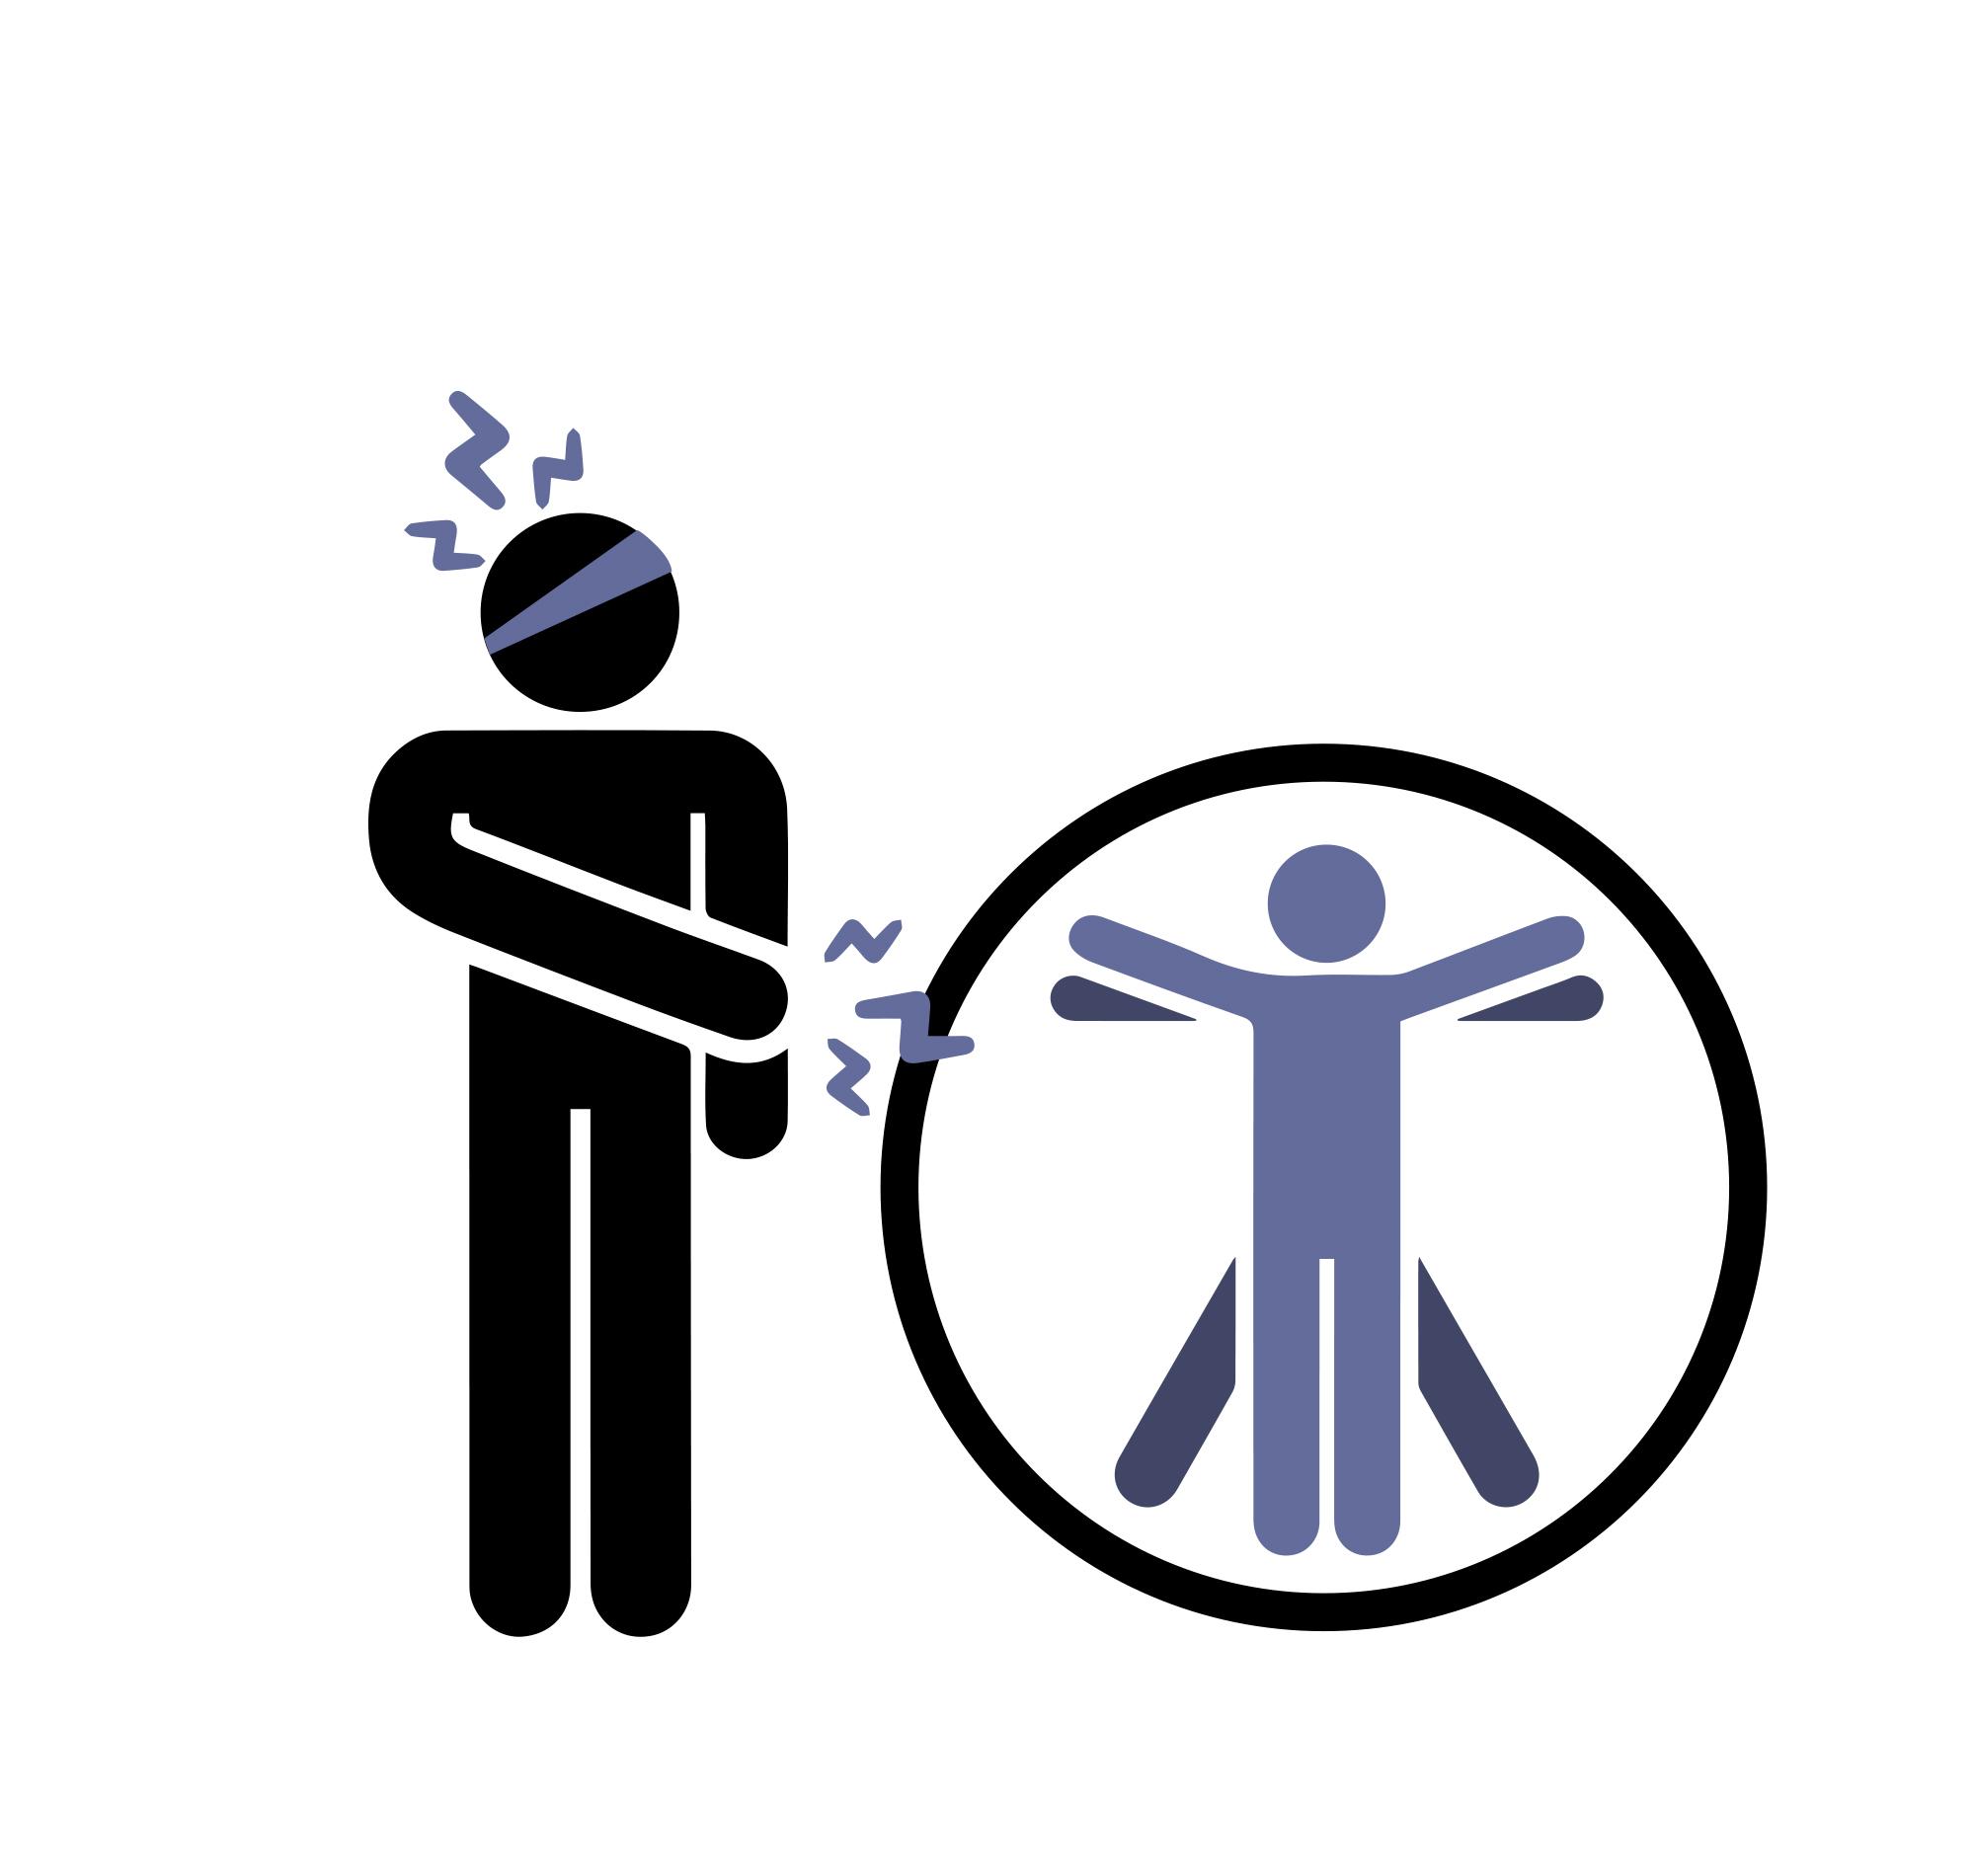 Safety Hazard Meaning